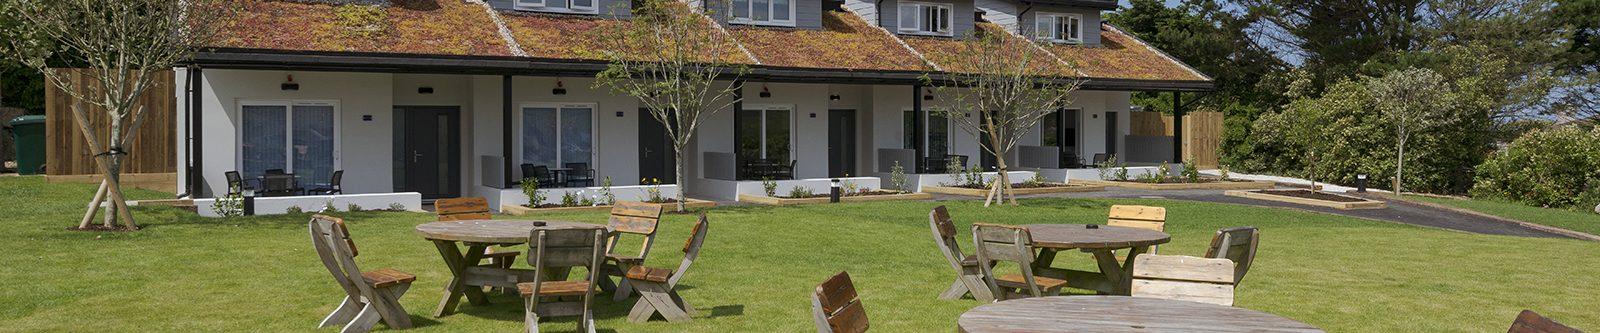 1-bed villas exterior